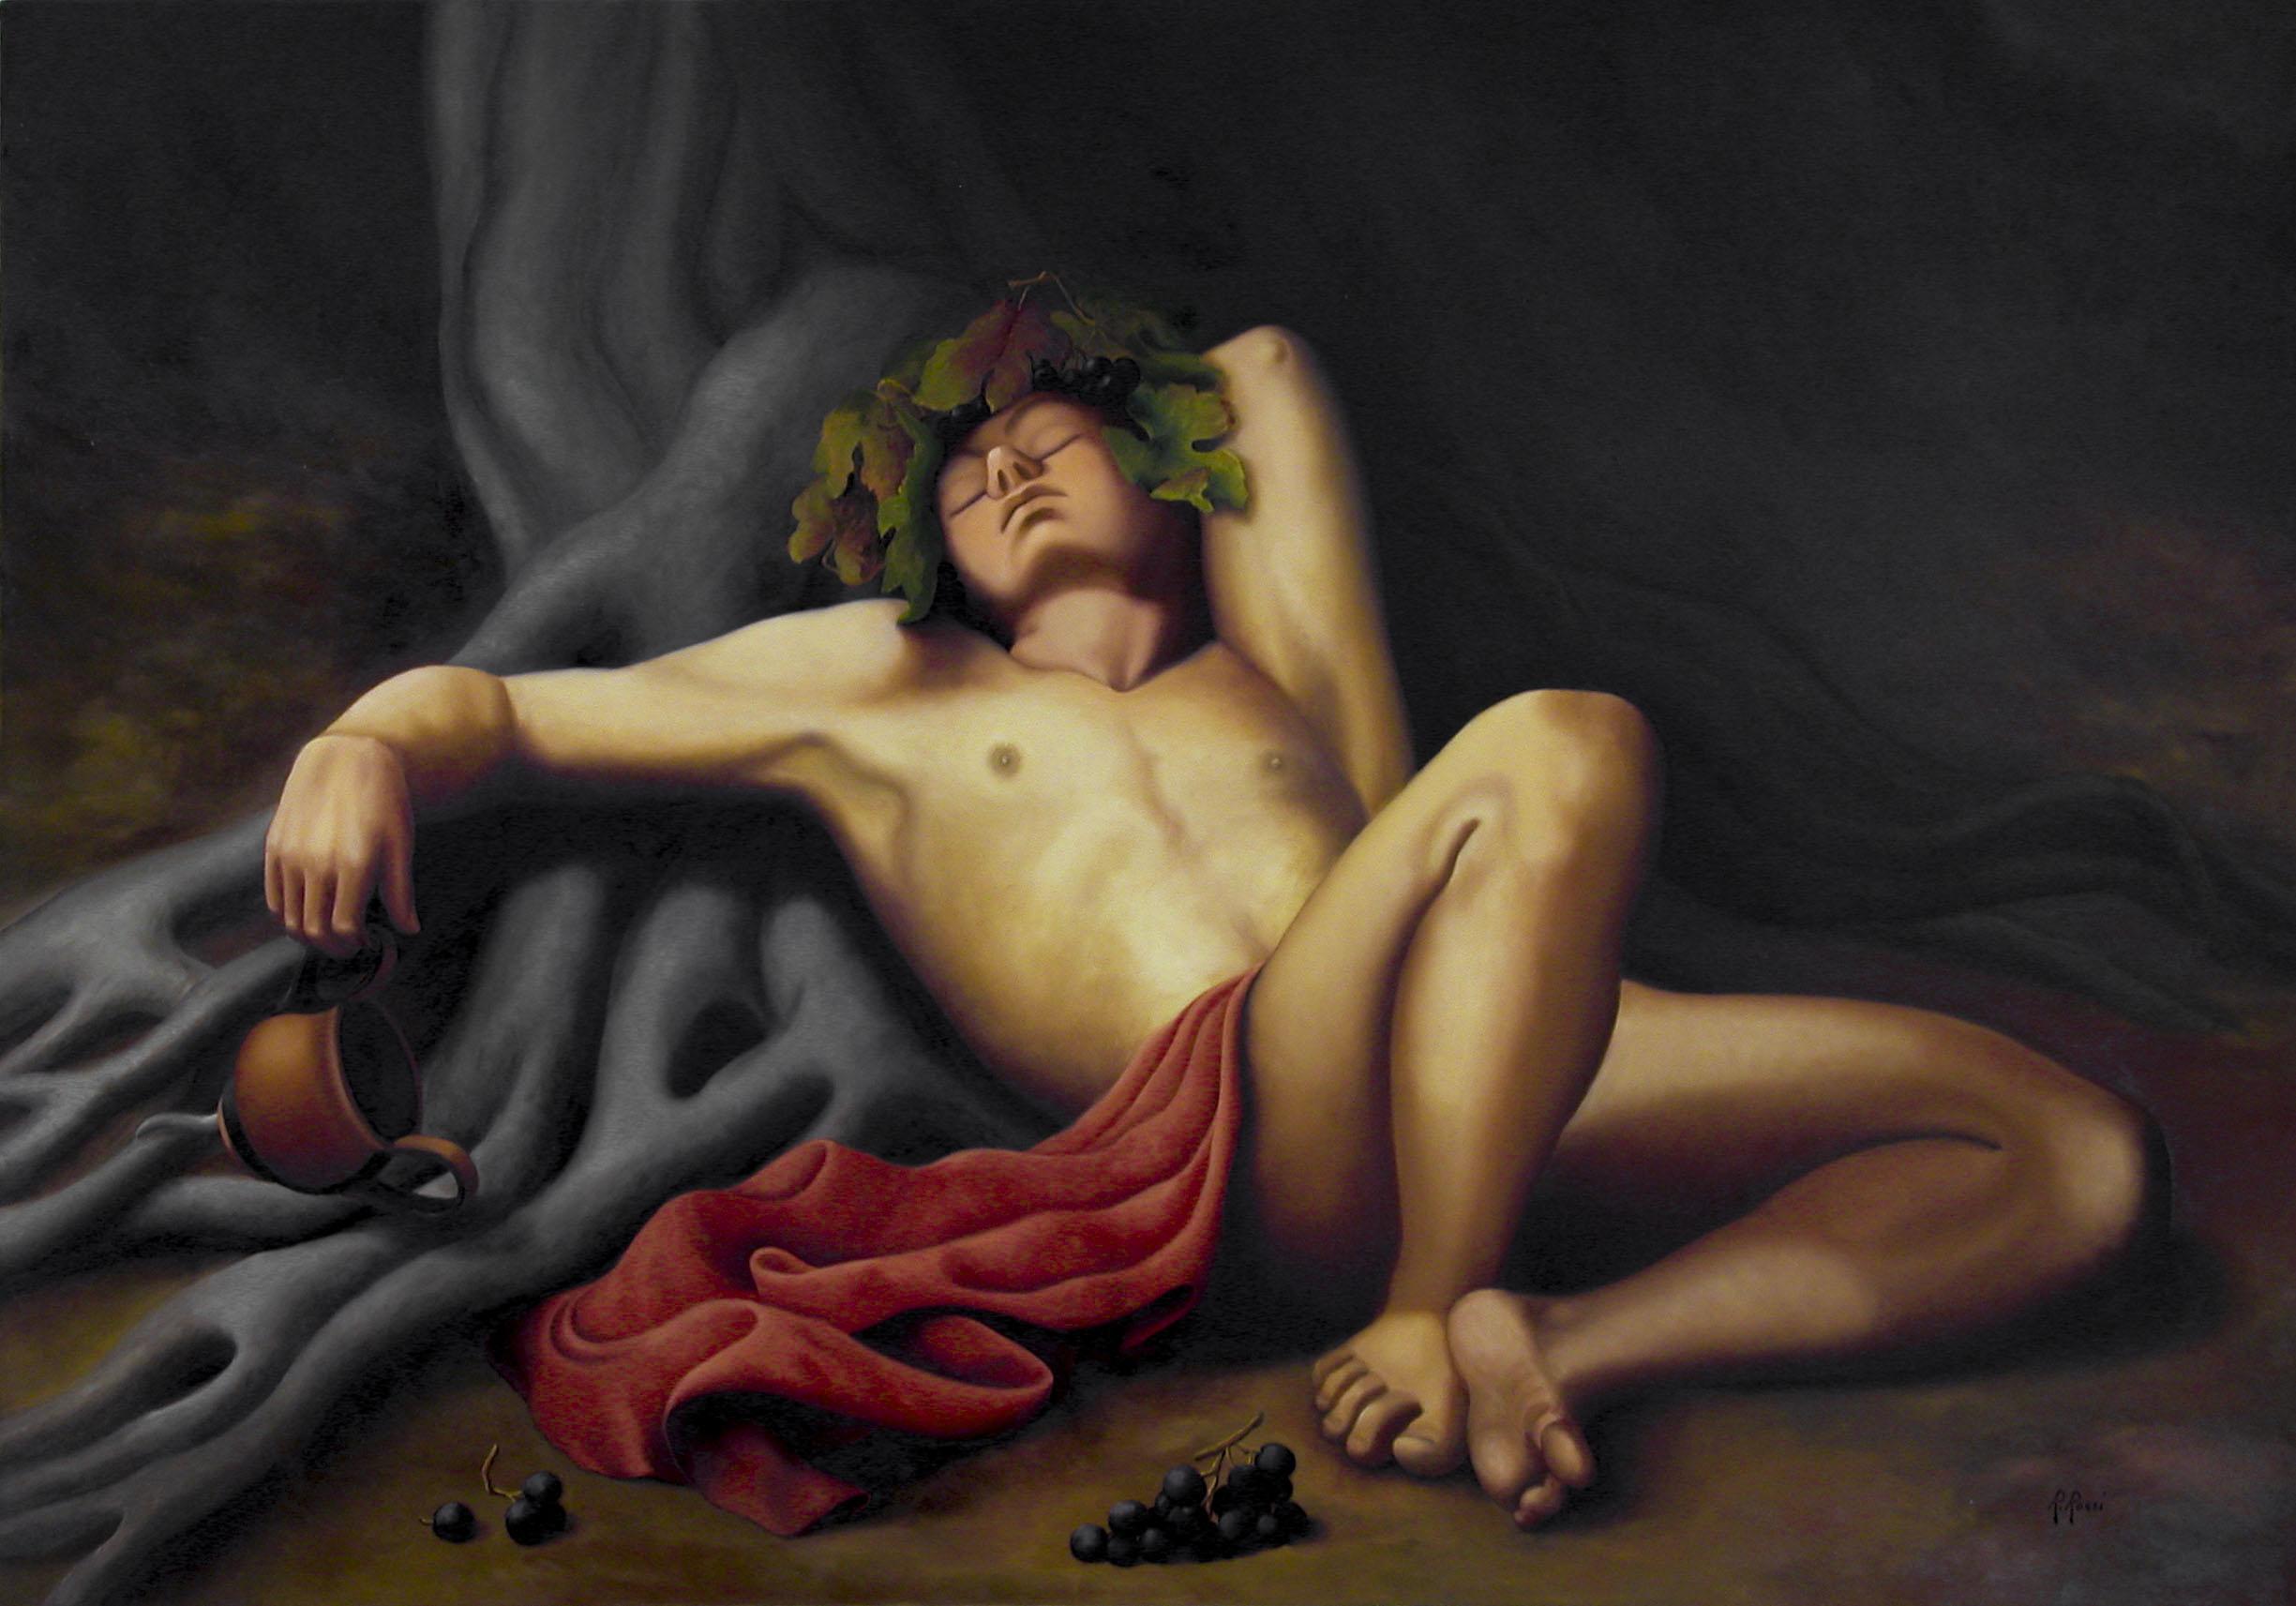 2008 roberta rossi - Il sonno di Dioniso - olio su tela - 70 x 100